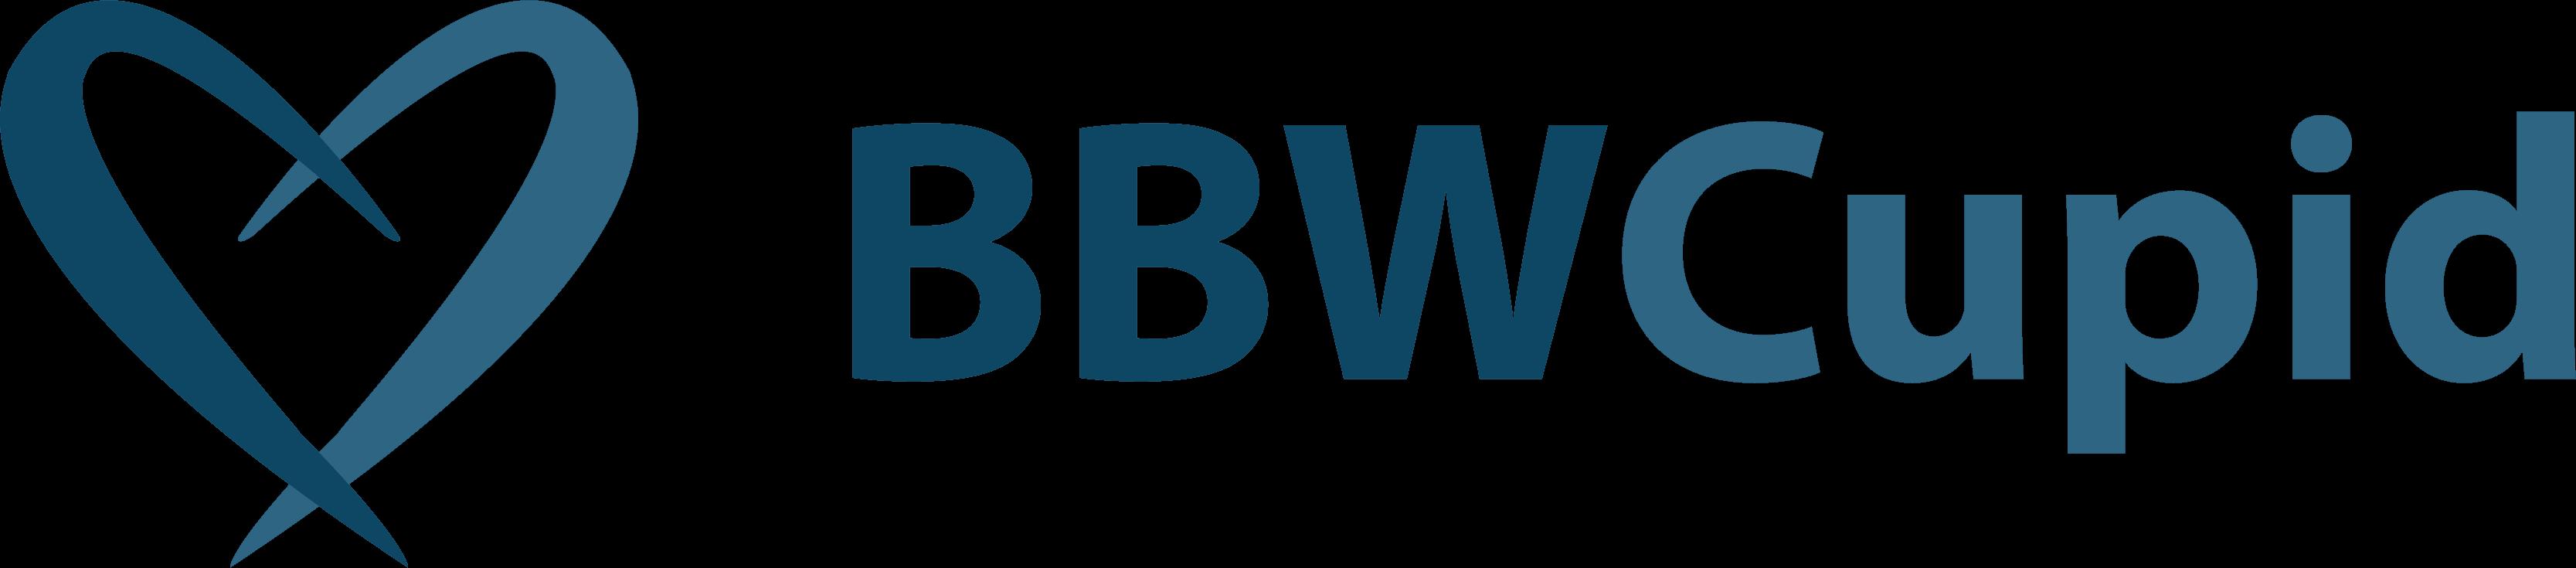 BBWCupid Logo